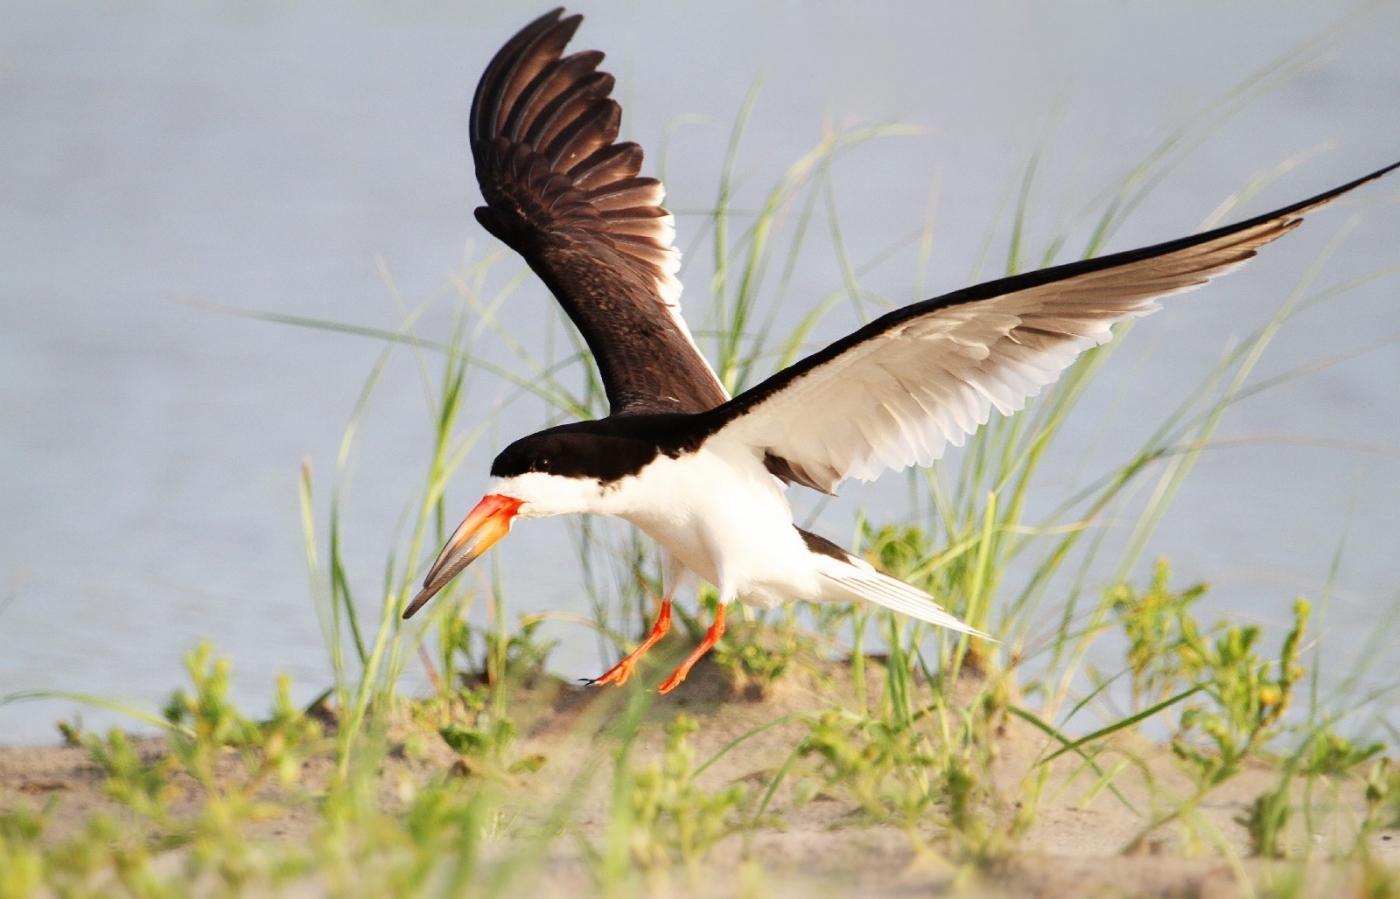 【田螺摄影】海鸟玩水剪嘴鸥最漂亮_图1-4